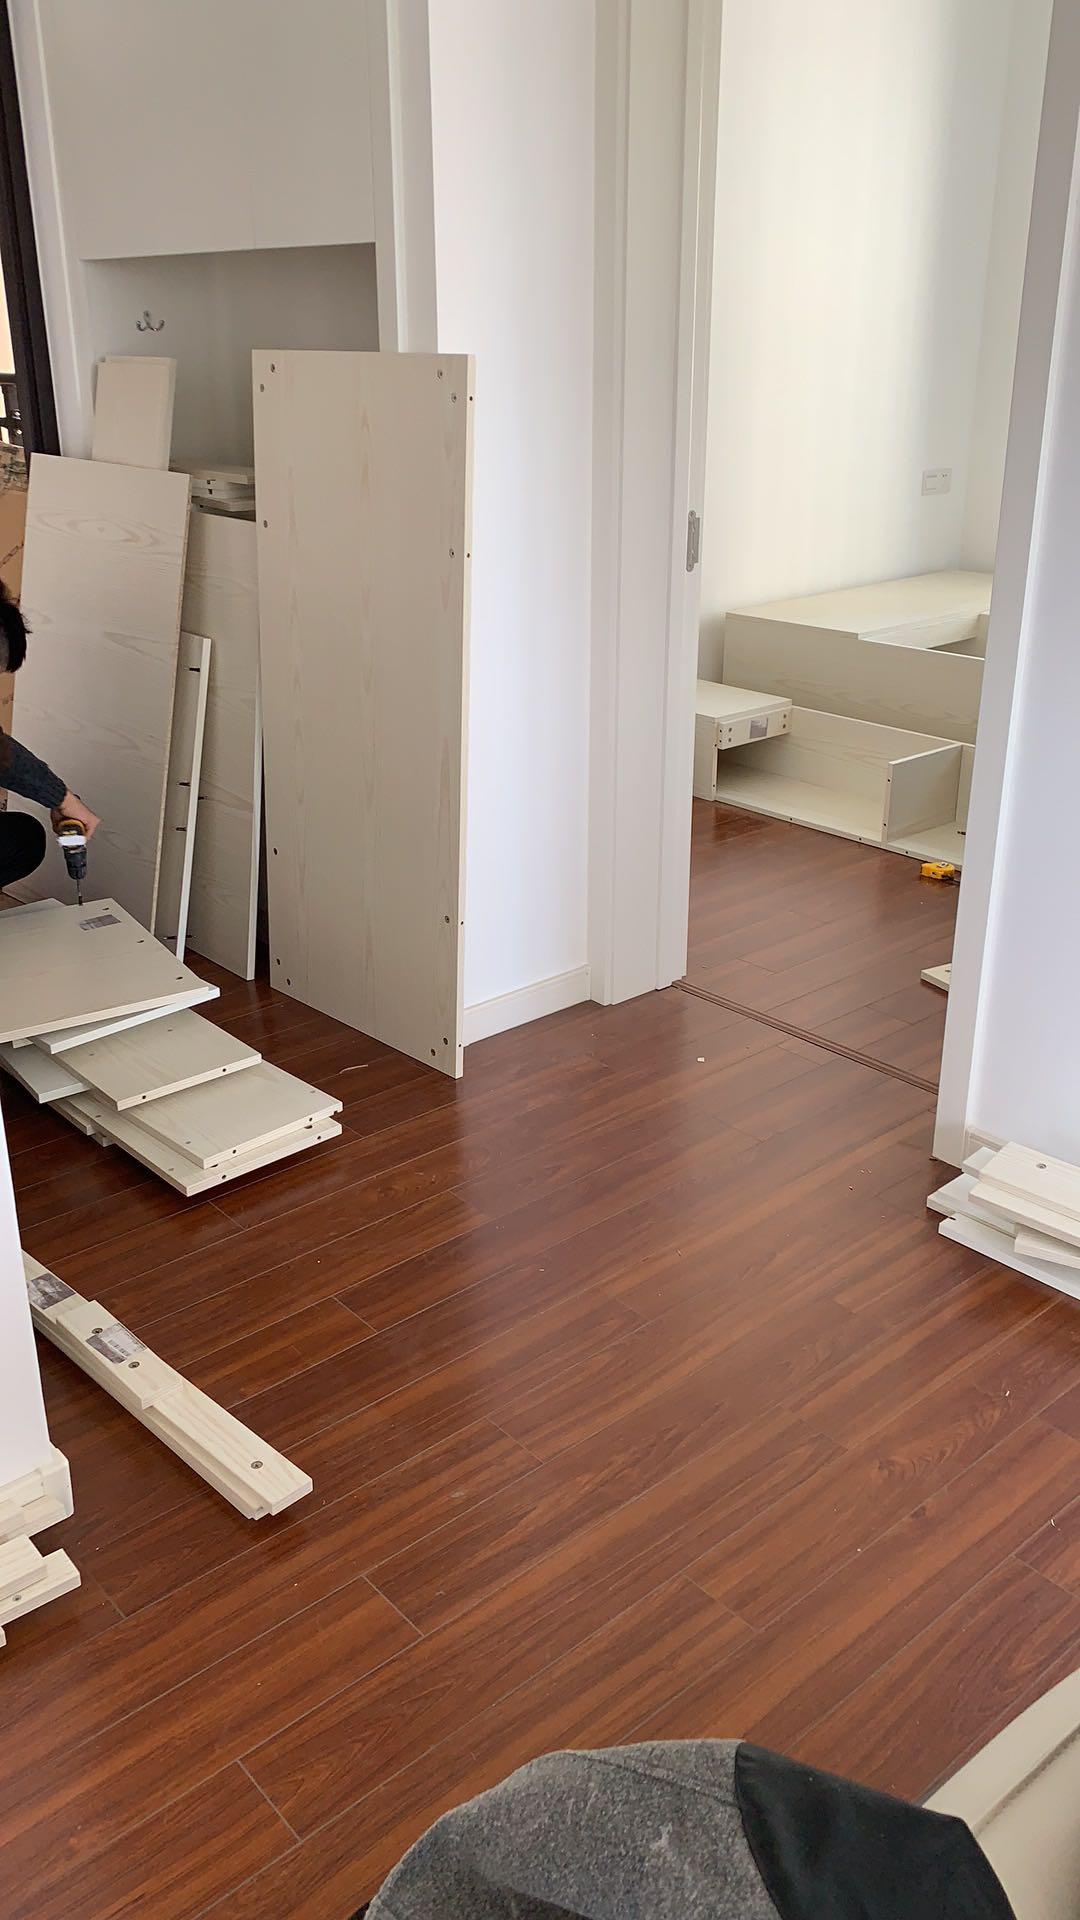 刚装修新房用霍尼韦尔除甲醛体验